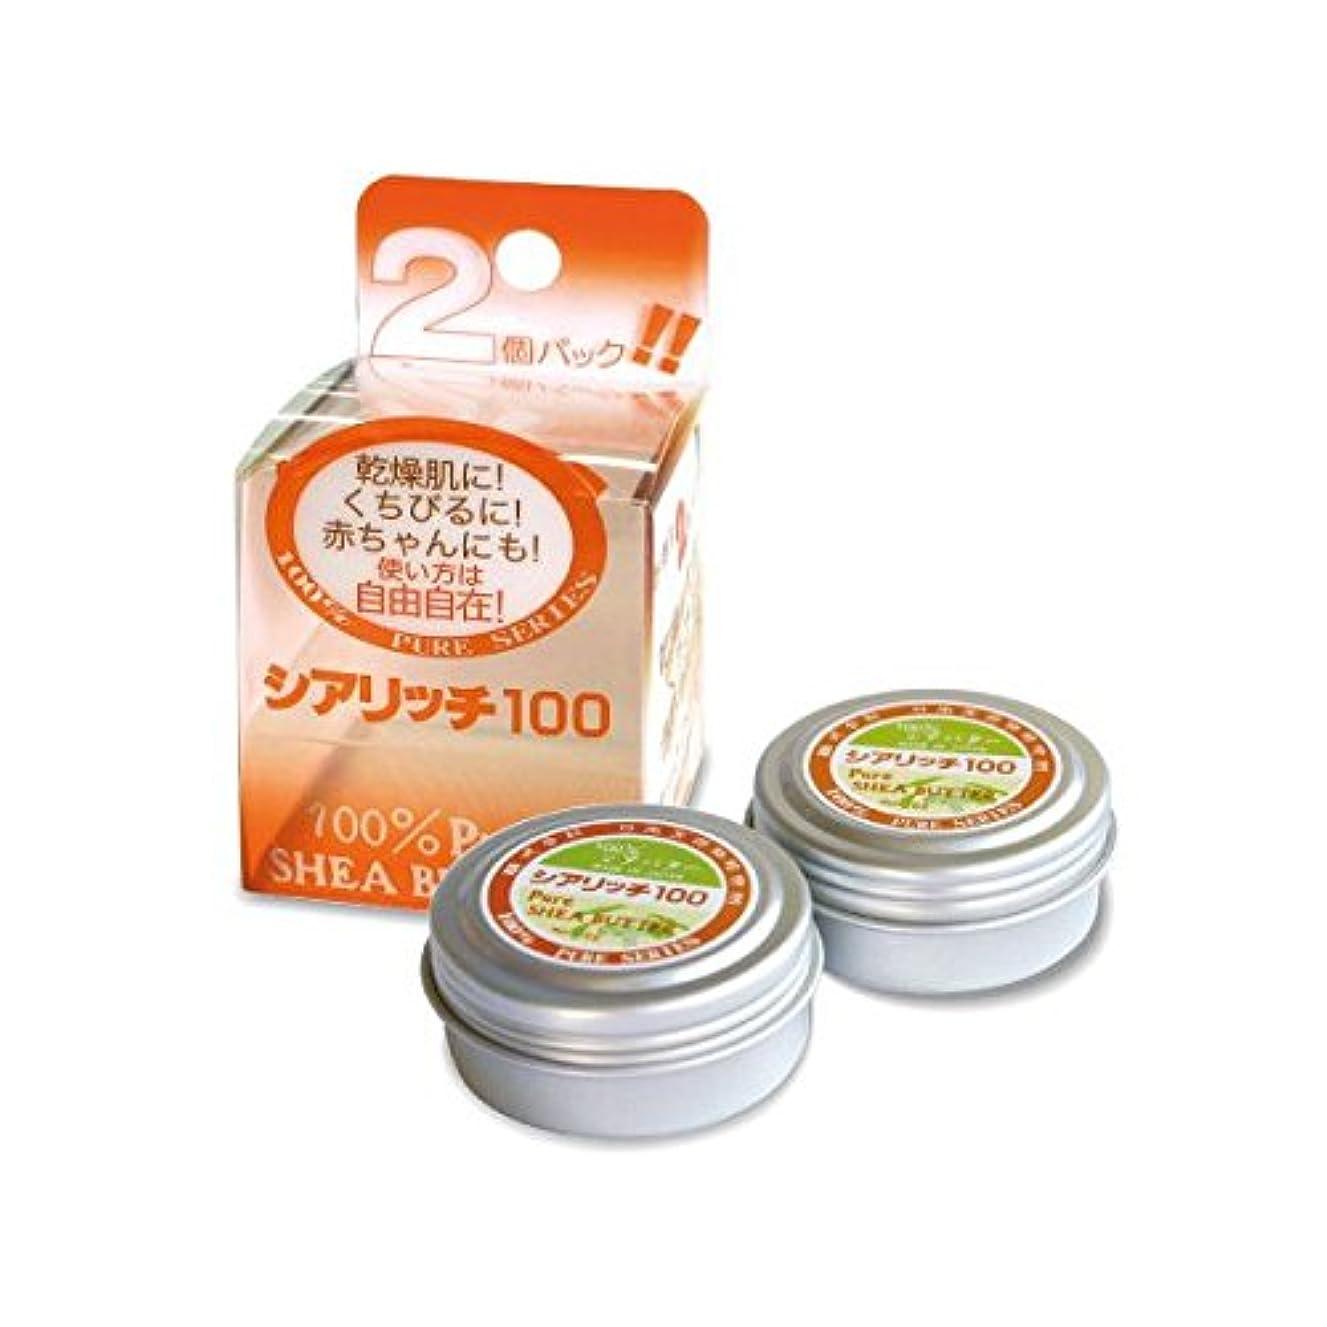 マニュアル対人所有者日本天然物研究所 シアリッチ100 (8g×2個入り)【単品】(無添加100%シアバター)無香料